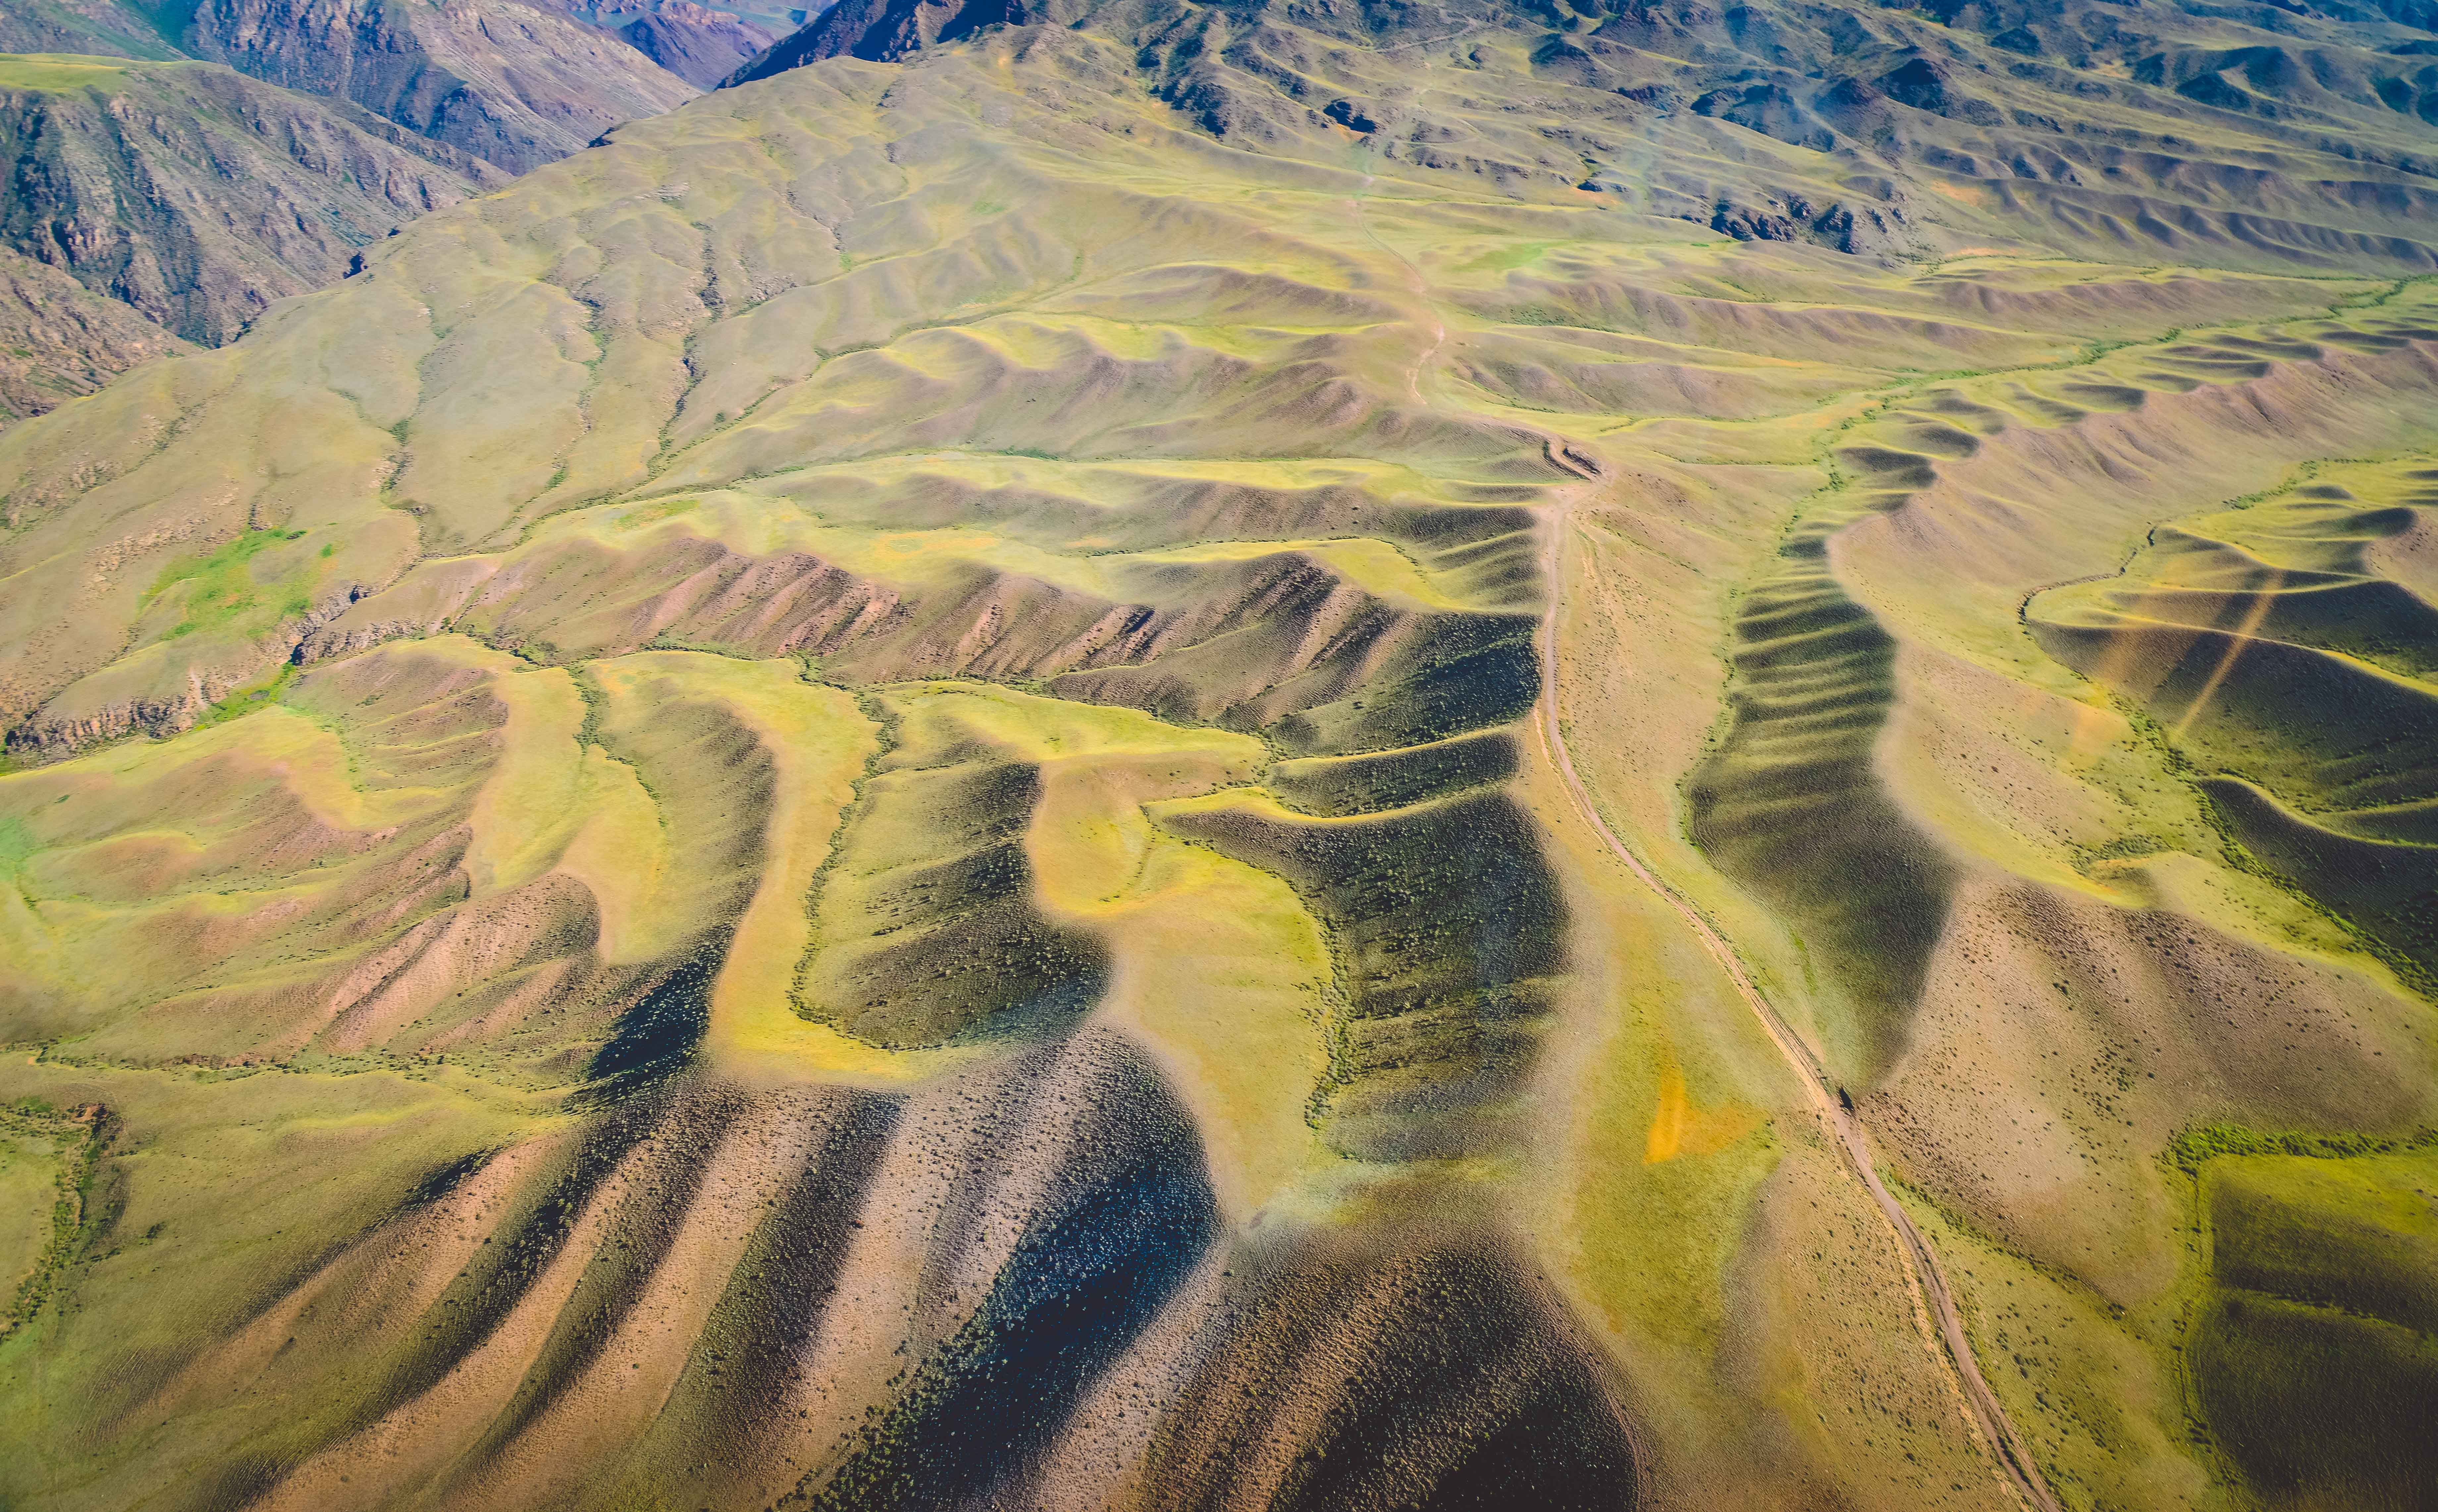 哈萨克斯坦,乘坐直升机航拍大美阿拉木图